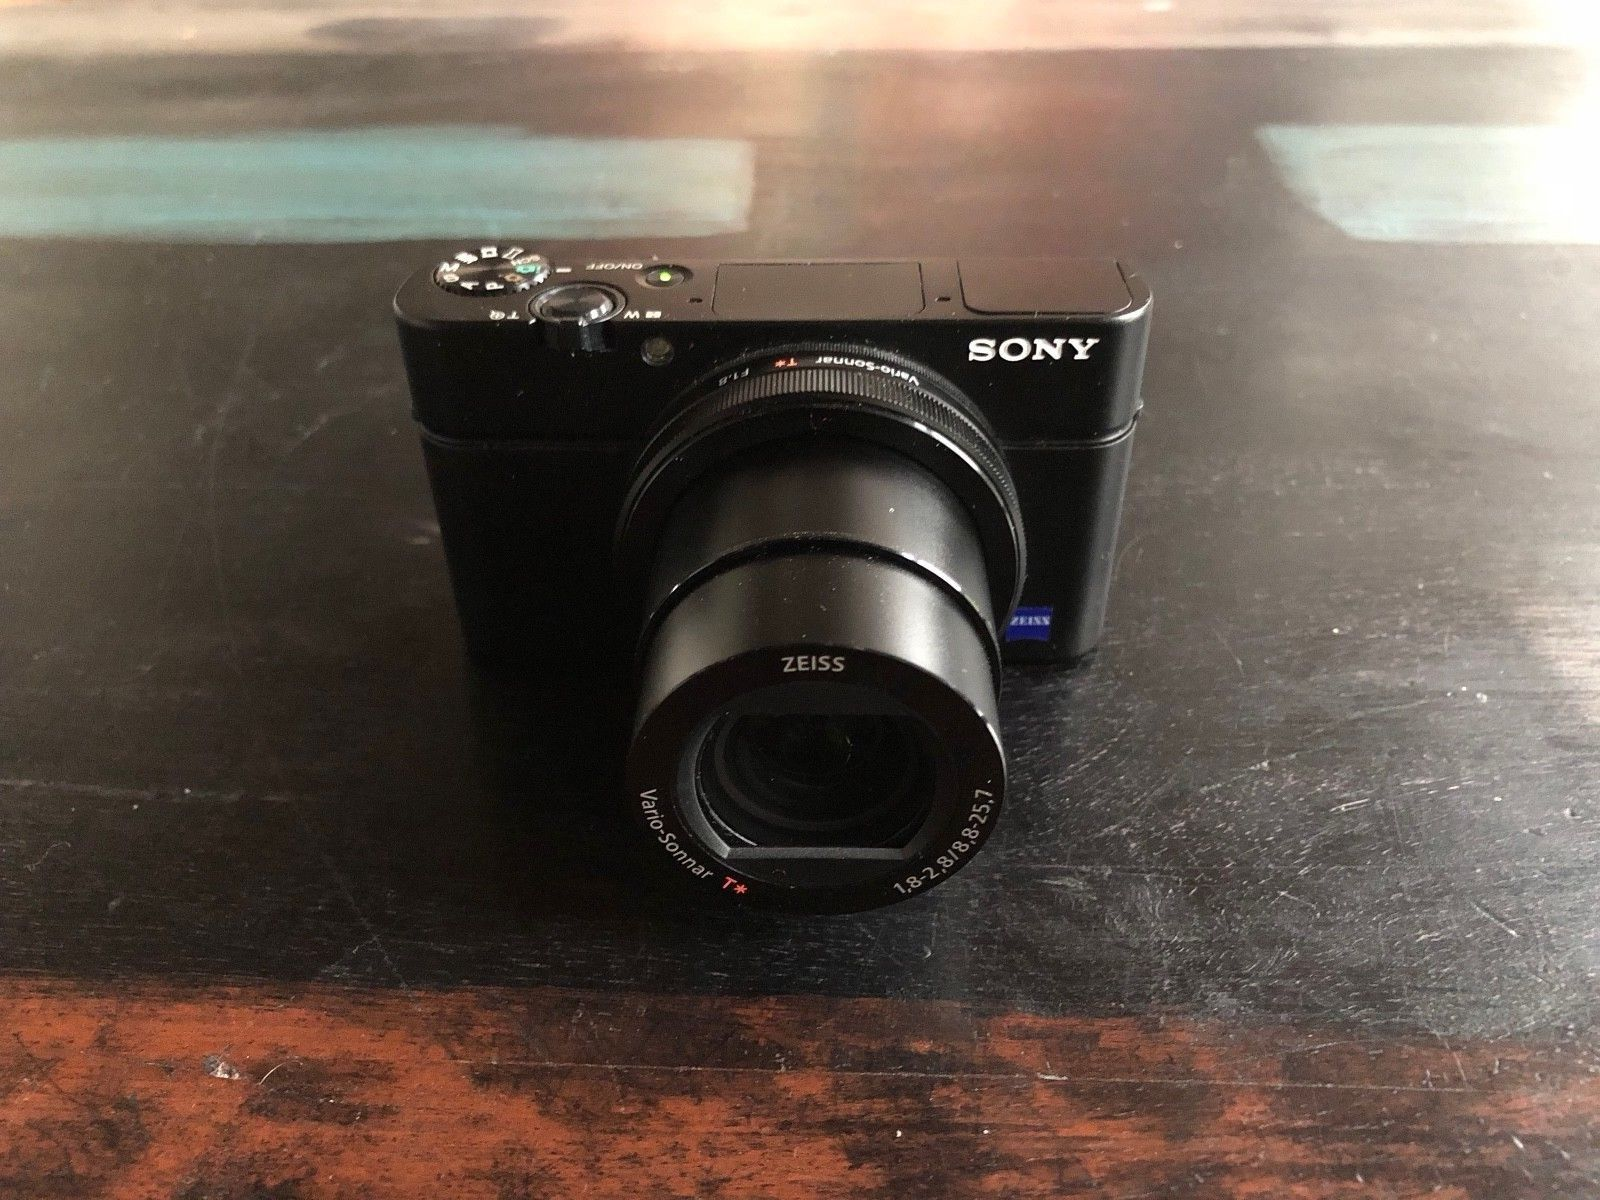 Sony DSC-RX100 III Cabershot Digitalkamera (WIE NEU & inkl SD Karte)